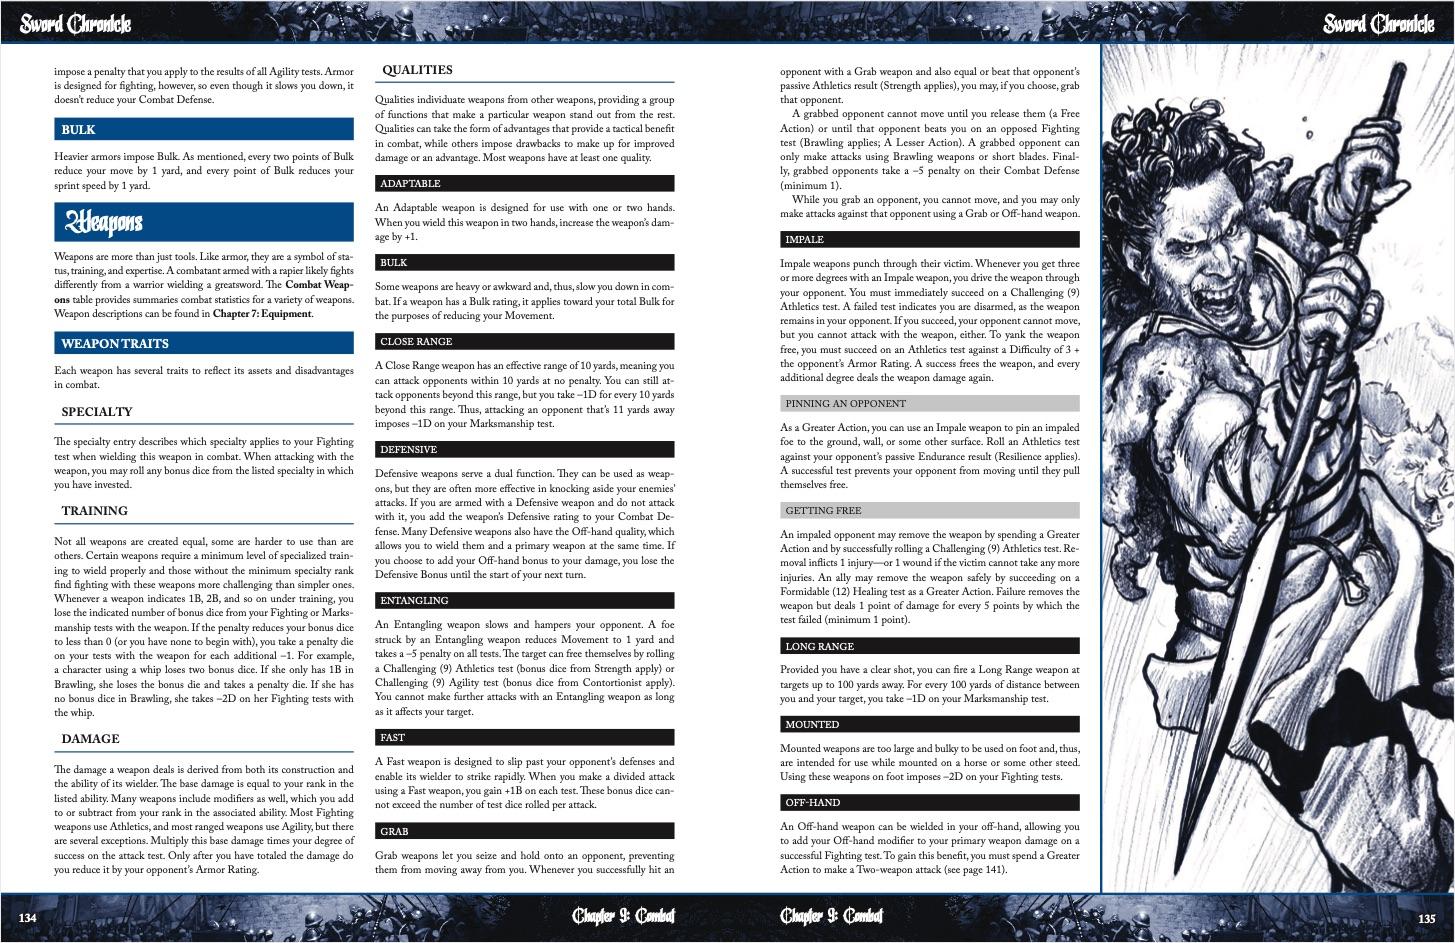 sword-chronicle-pp134-135.jpg